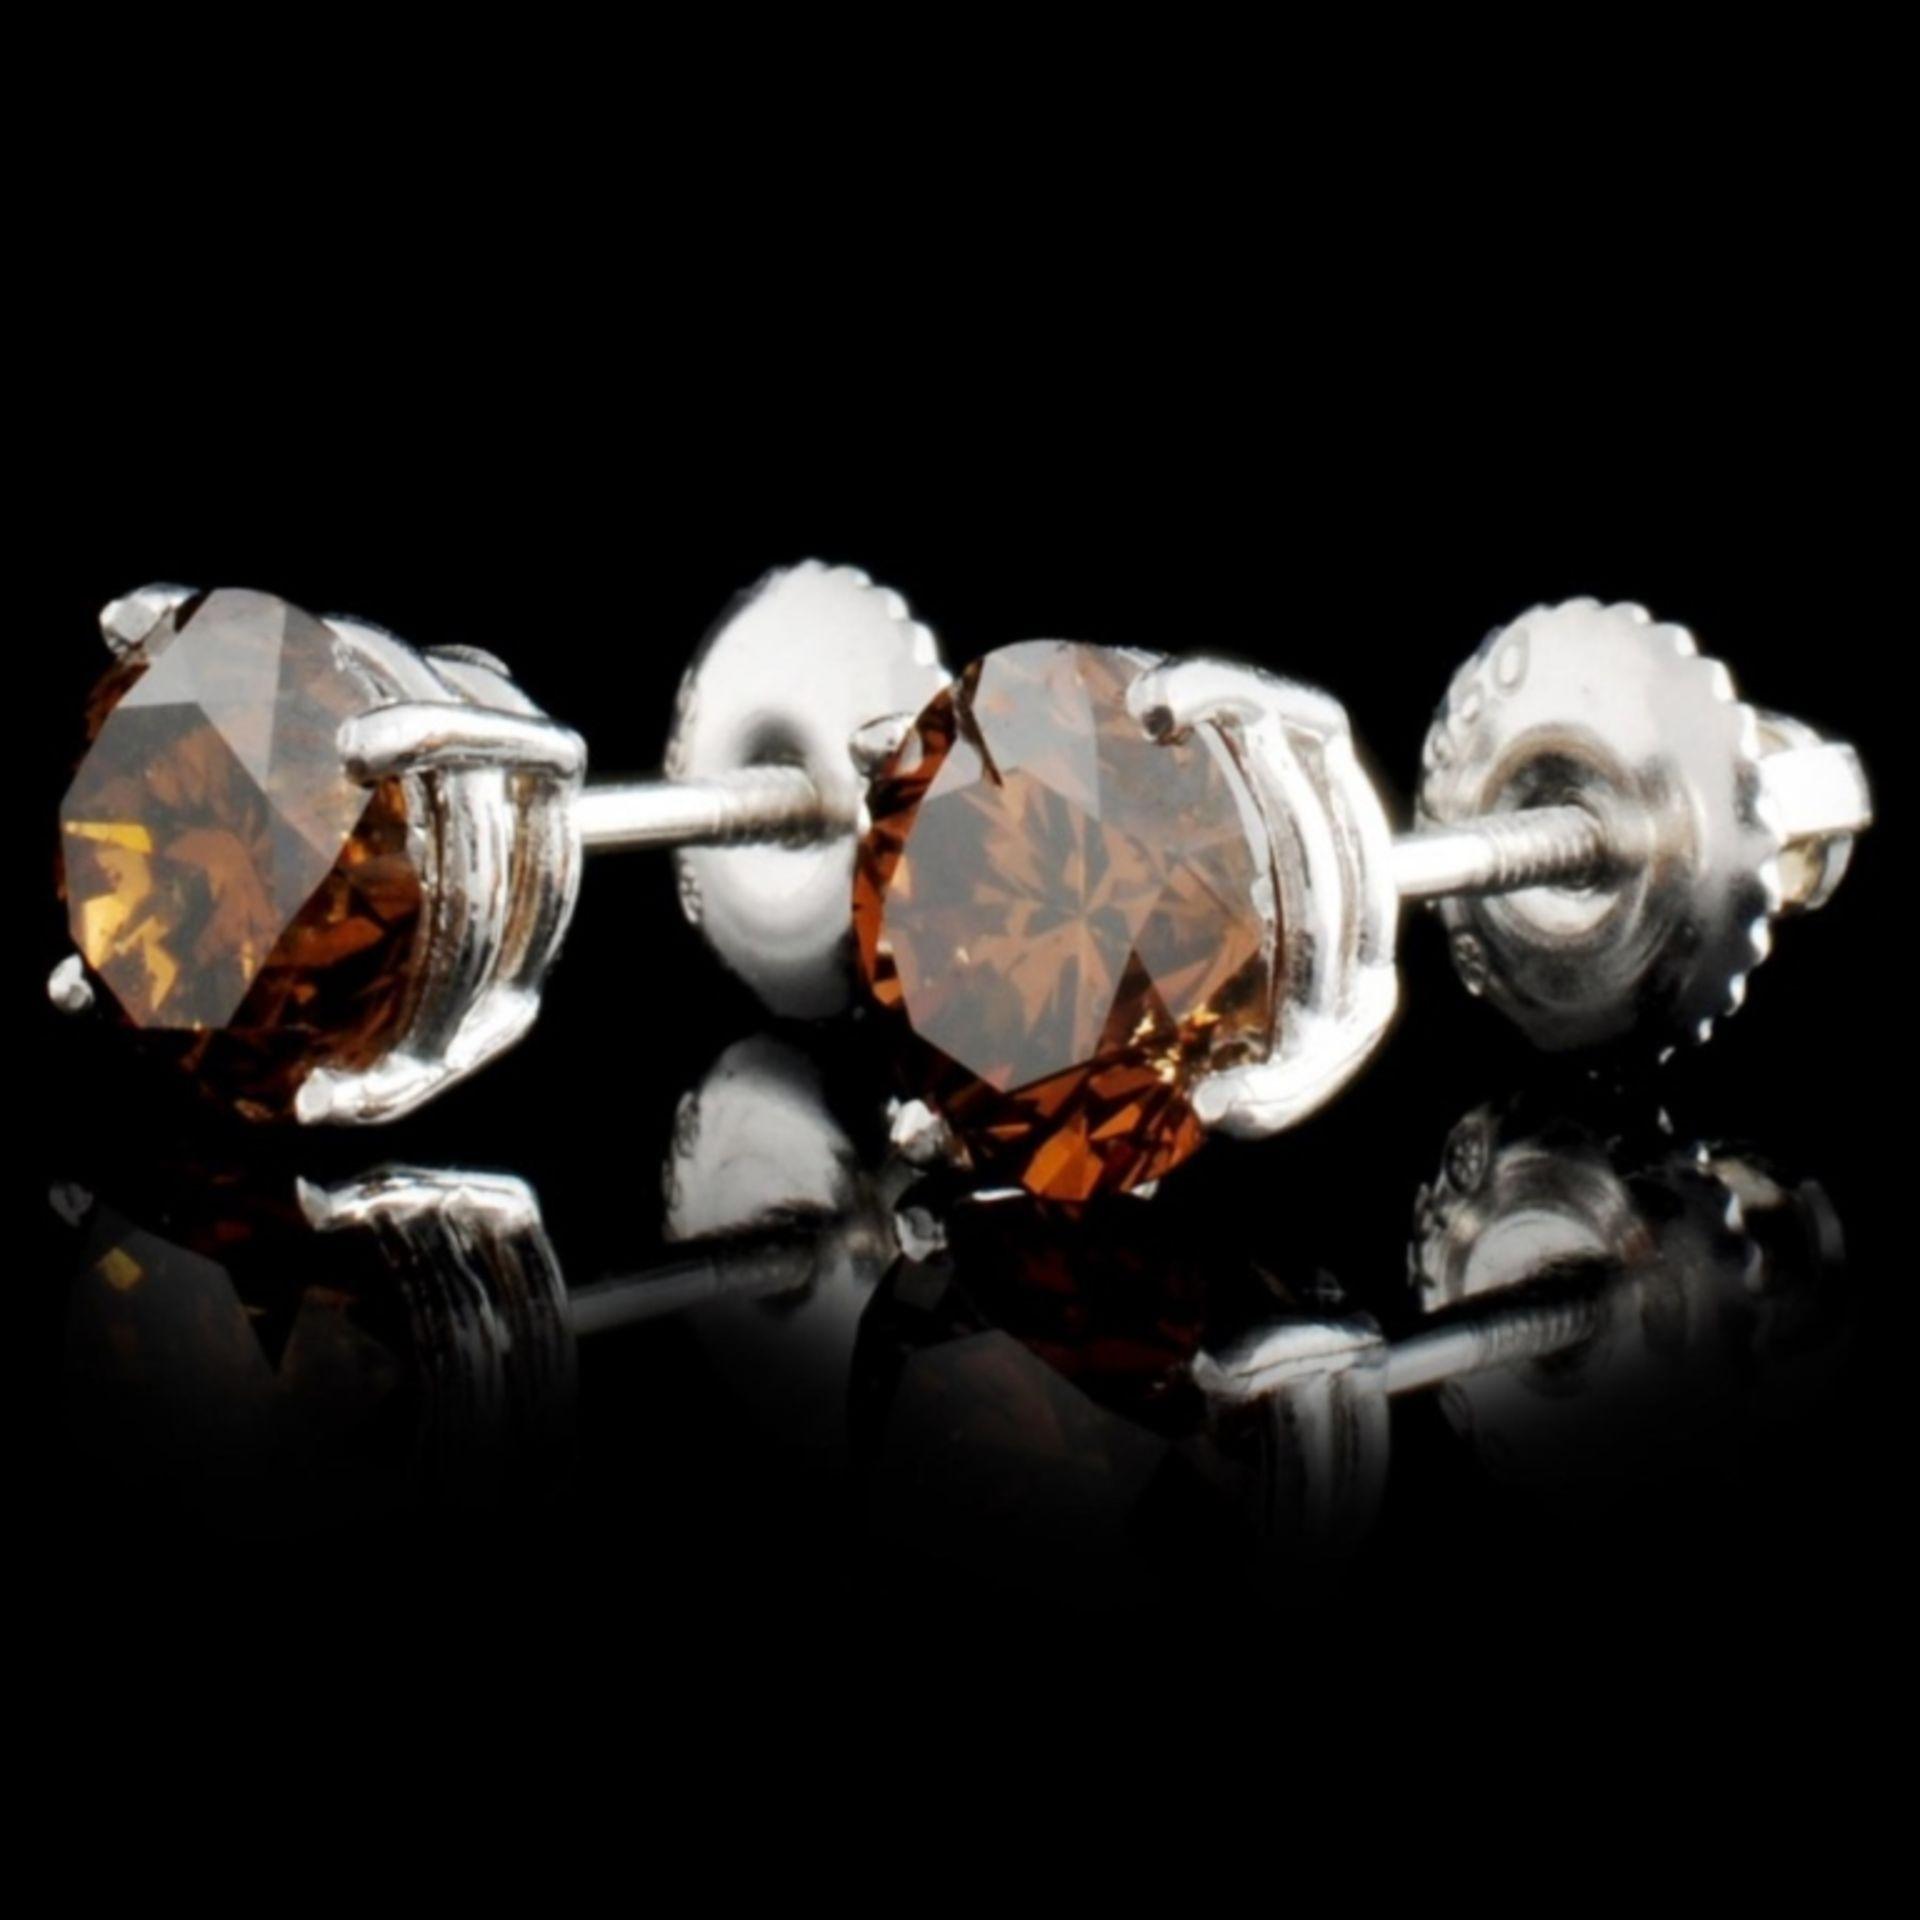 14K Gold 2.16ctw Fancy Color Diamond Earrings - Image 2 of 3